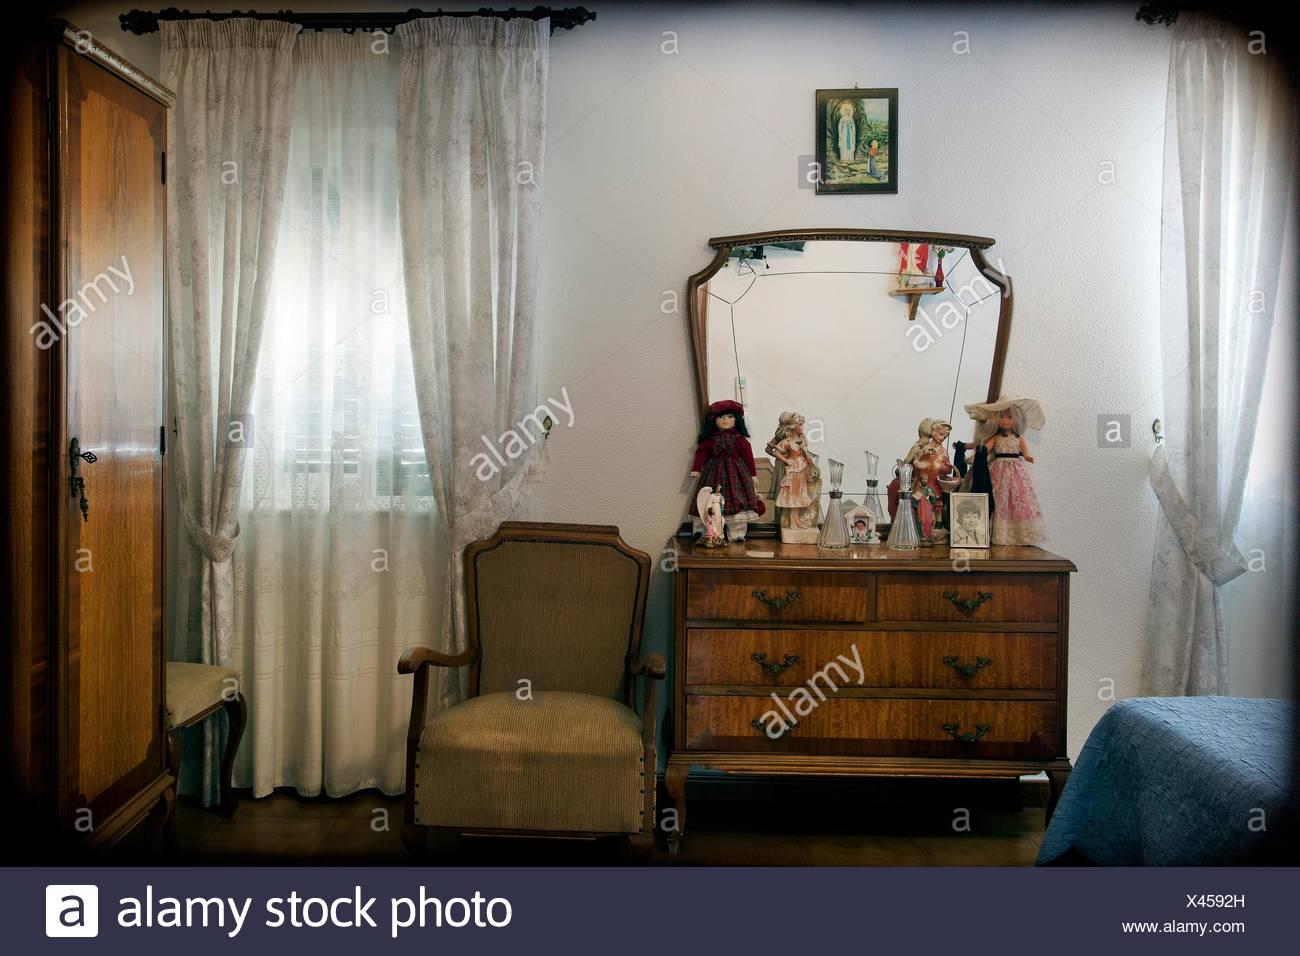 Camera Da Letto Stile Anni 50 : Camera da letto interno tipico degli anni in stile spagnolo